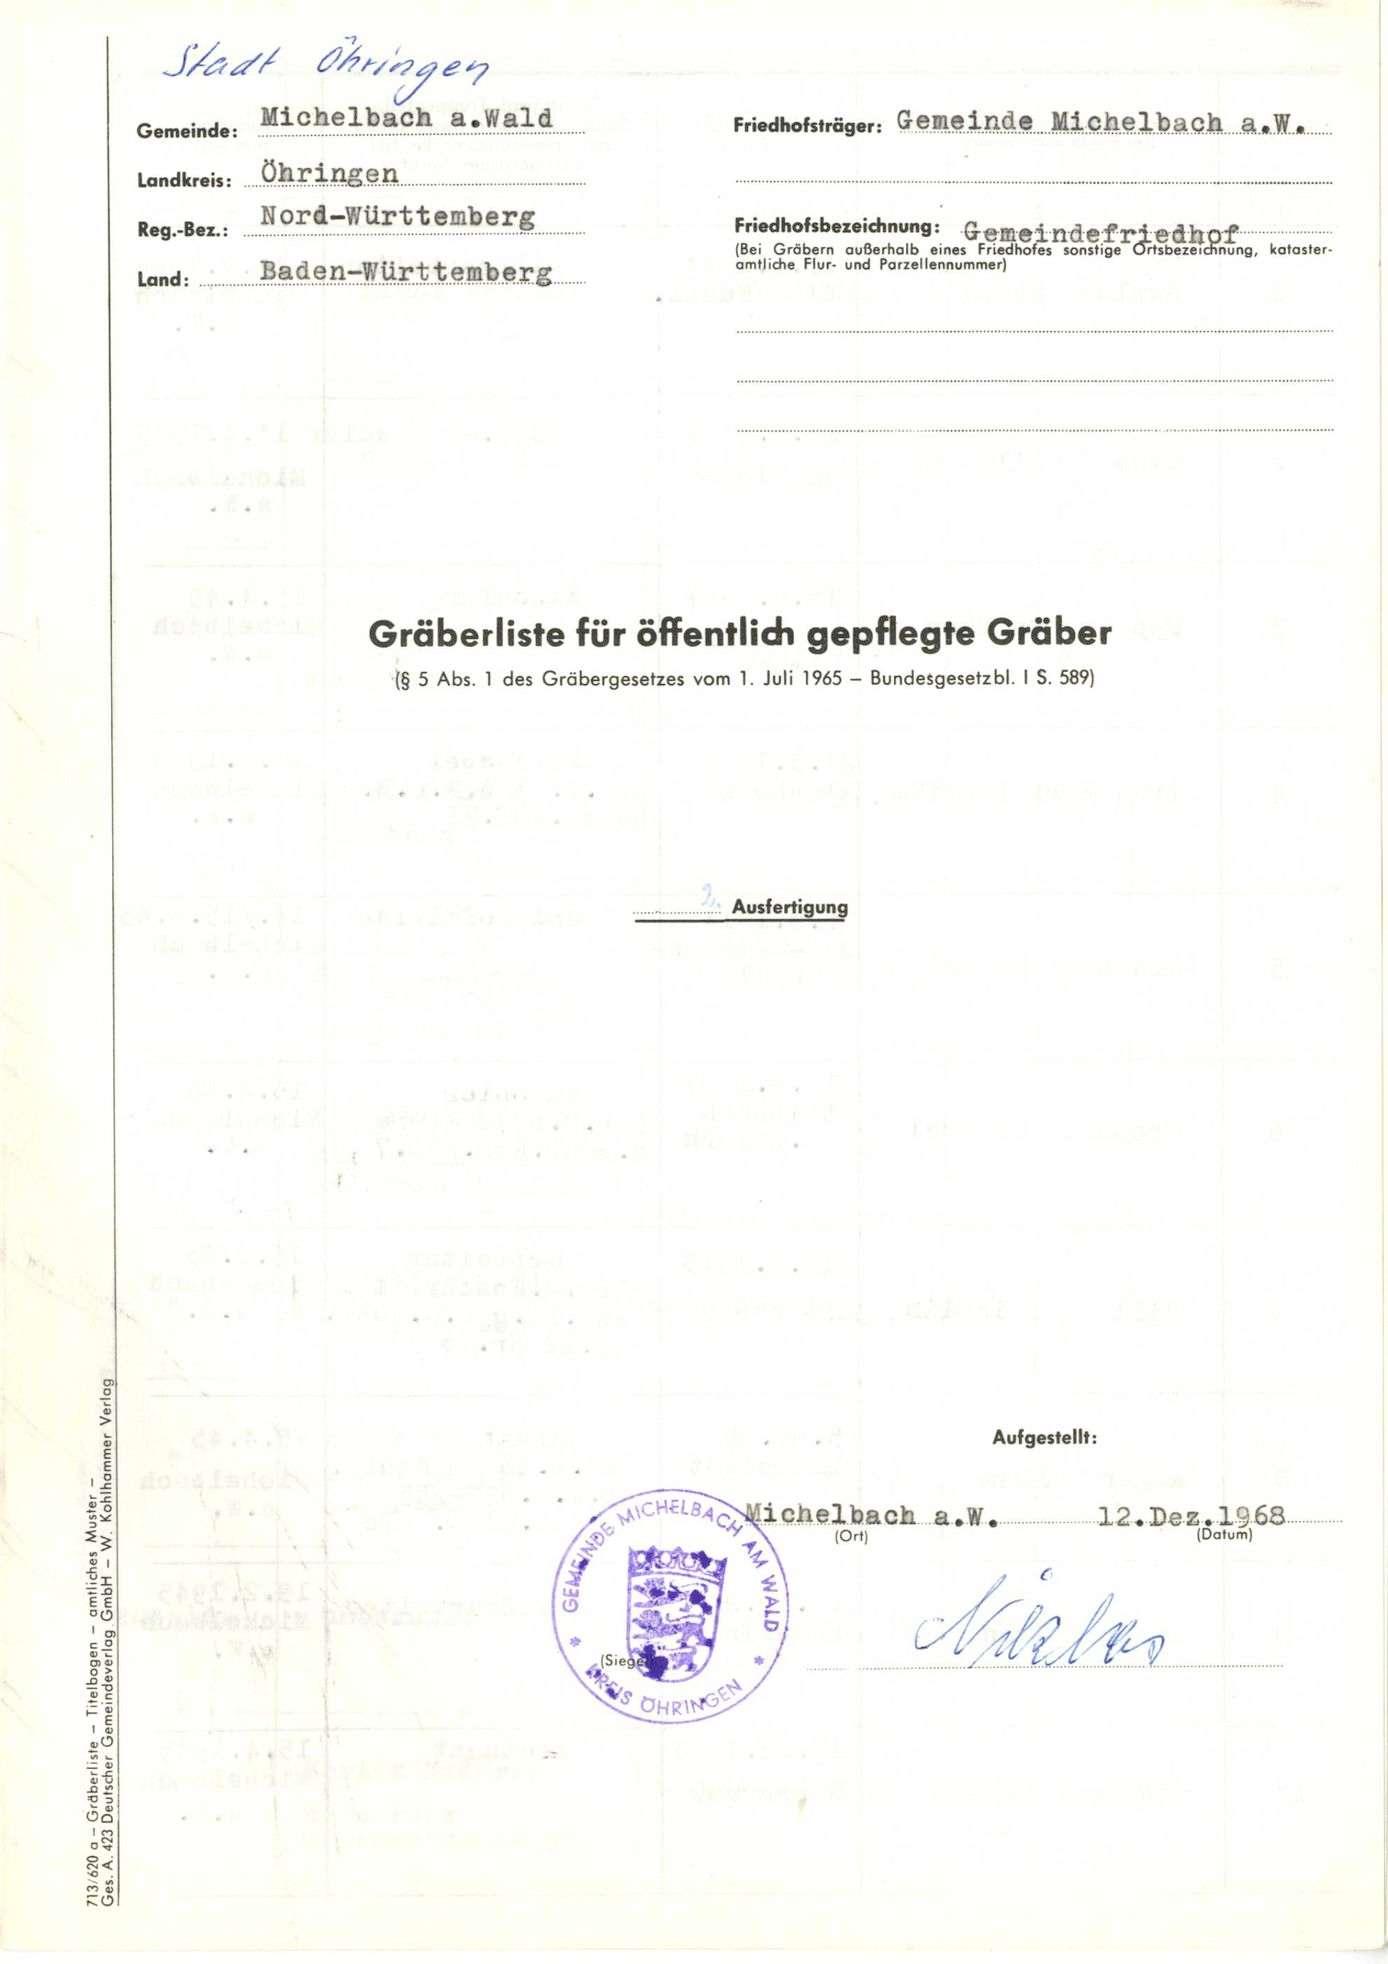 Michelbach a.W., Bild 1